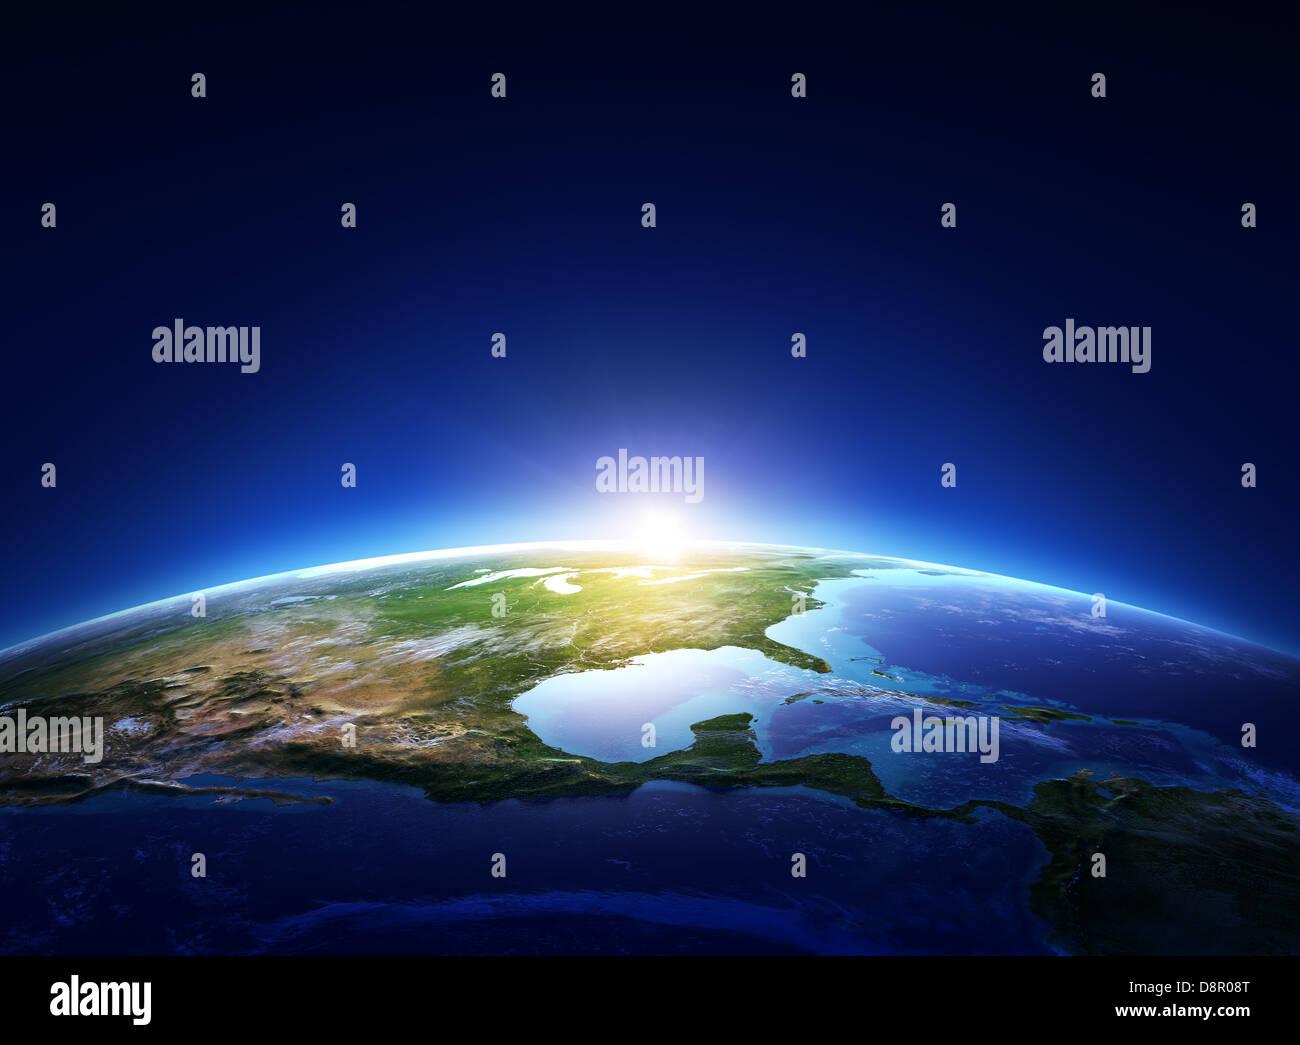 Lever de Terre en Amérique du Nord avec de légers nuages (éléments de cette image fournie par Photo Stock